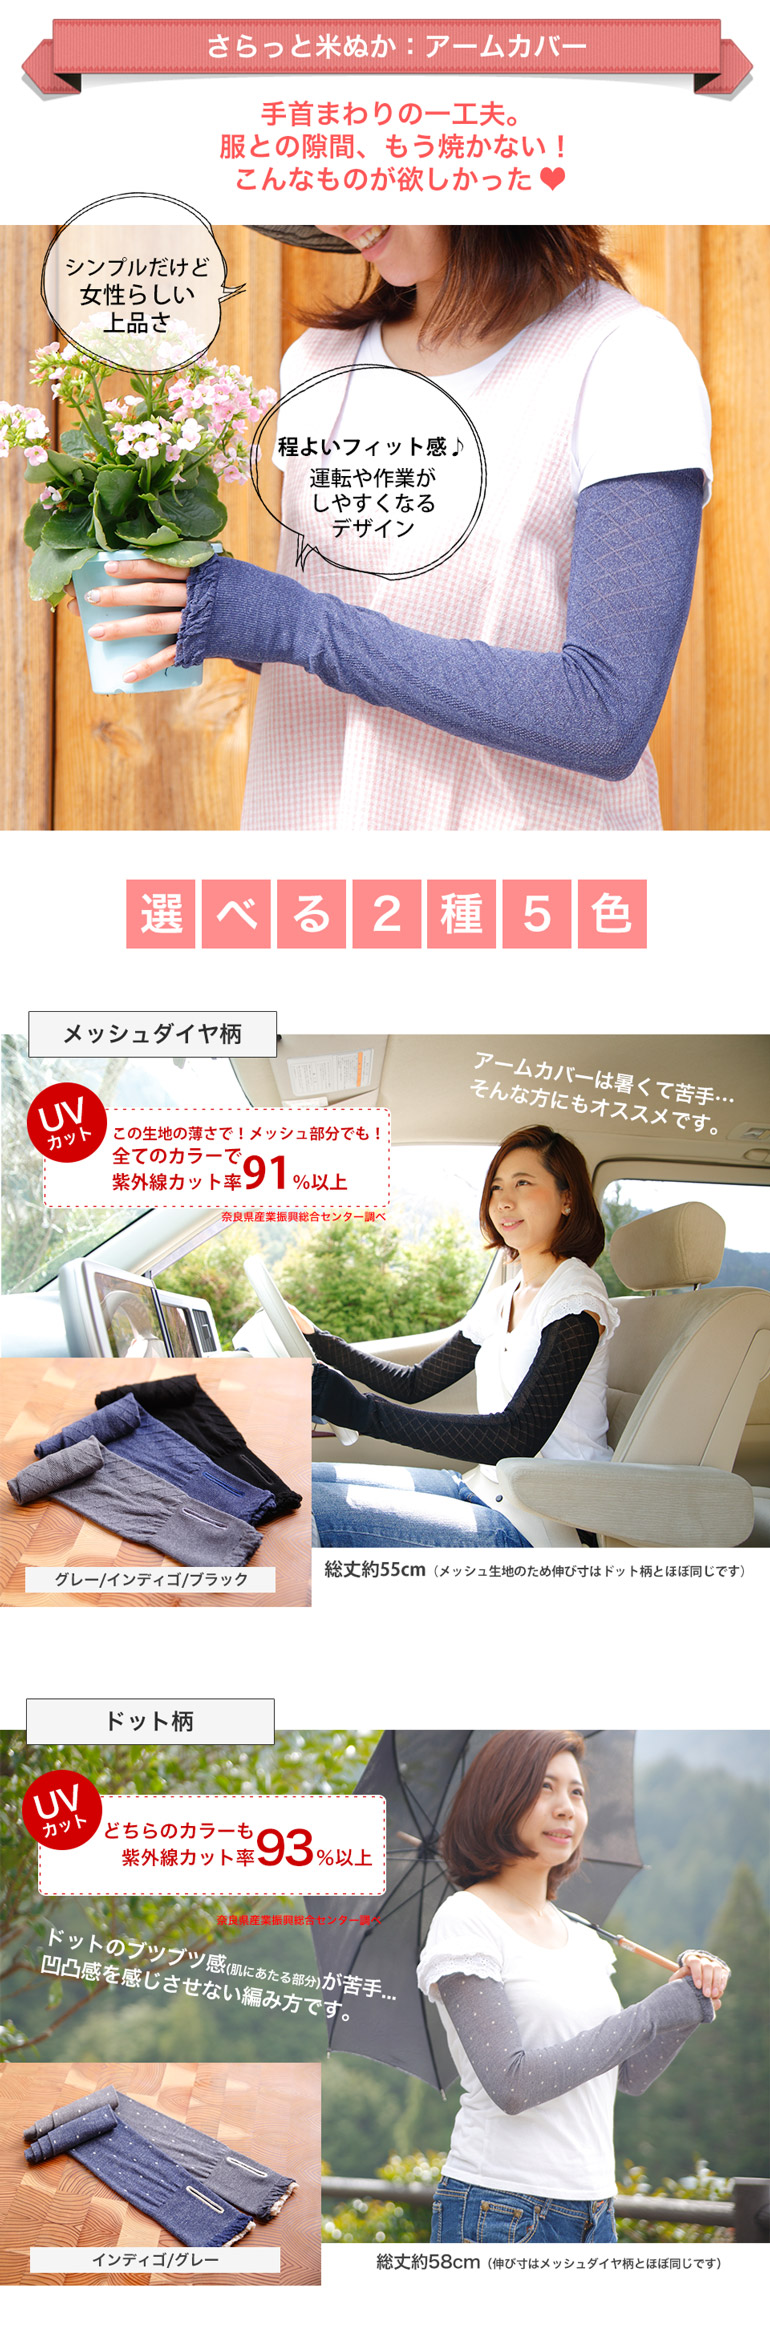 さらっと冷やっと、接触冷感!米ぬか繊維の春夏素材のアームカバー